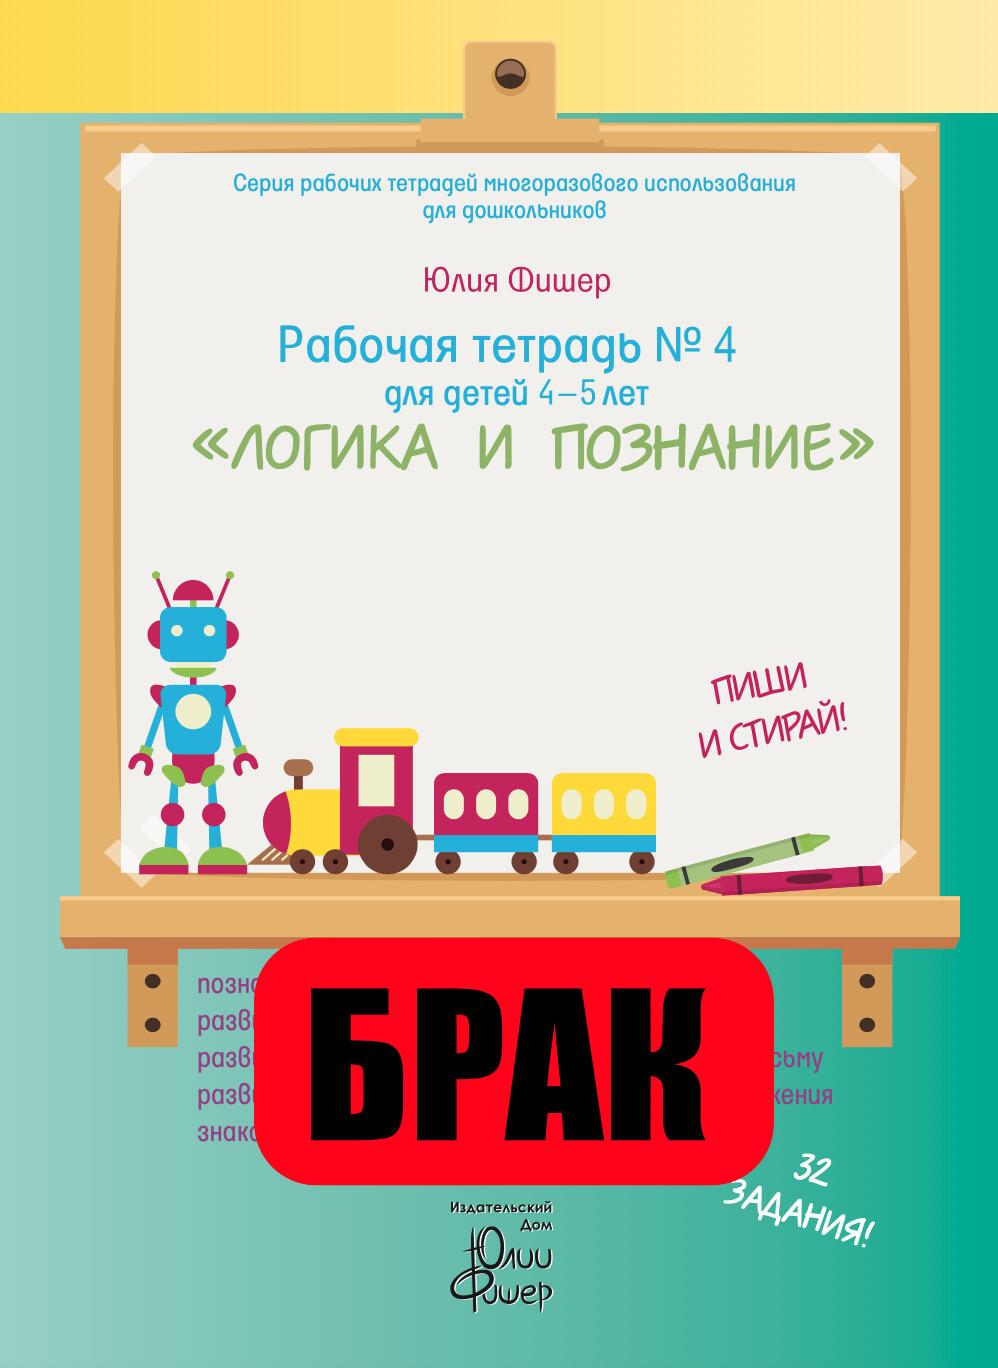 БРАК. Рабочая тетрадь № 4 для детей 4-5 лет «Логика и познание». Маркер в комплекте (зелёный)